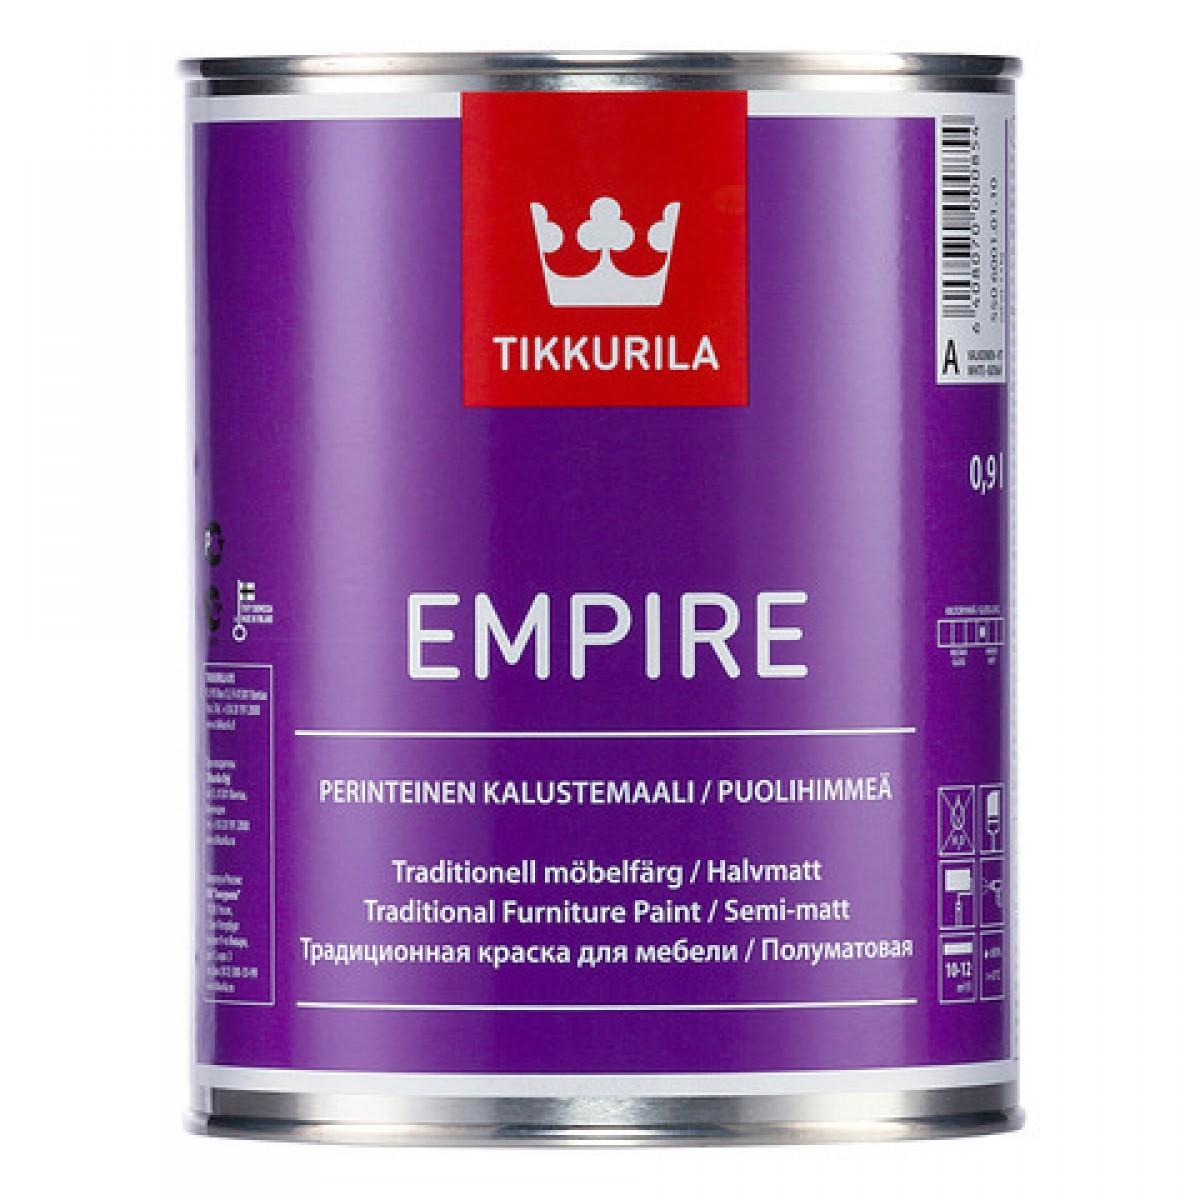 Эмпире – алкидная краска для мебели